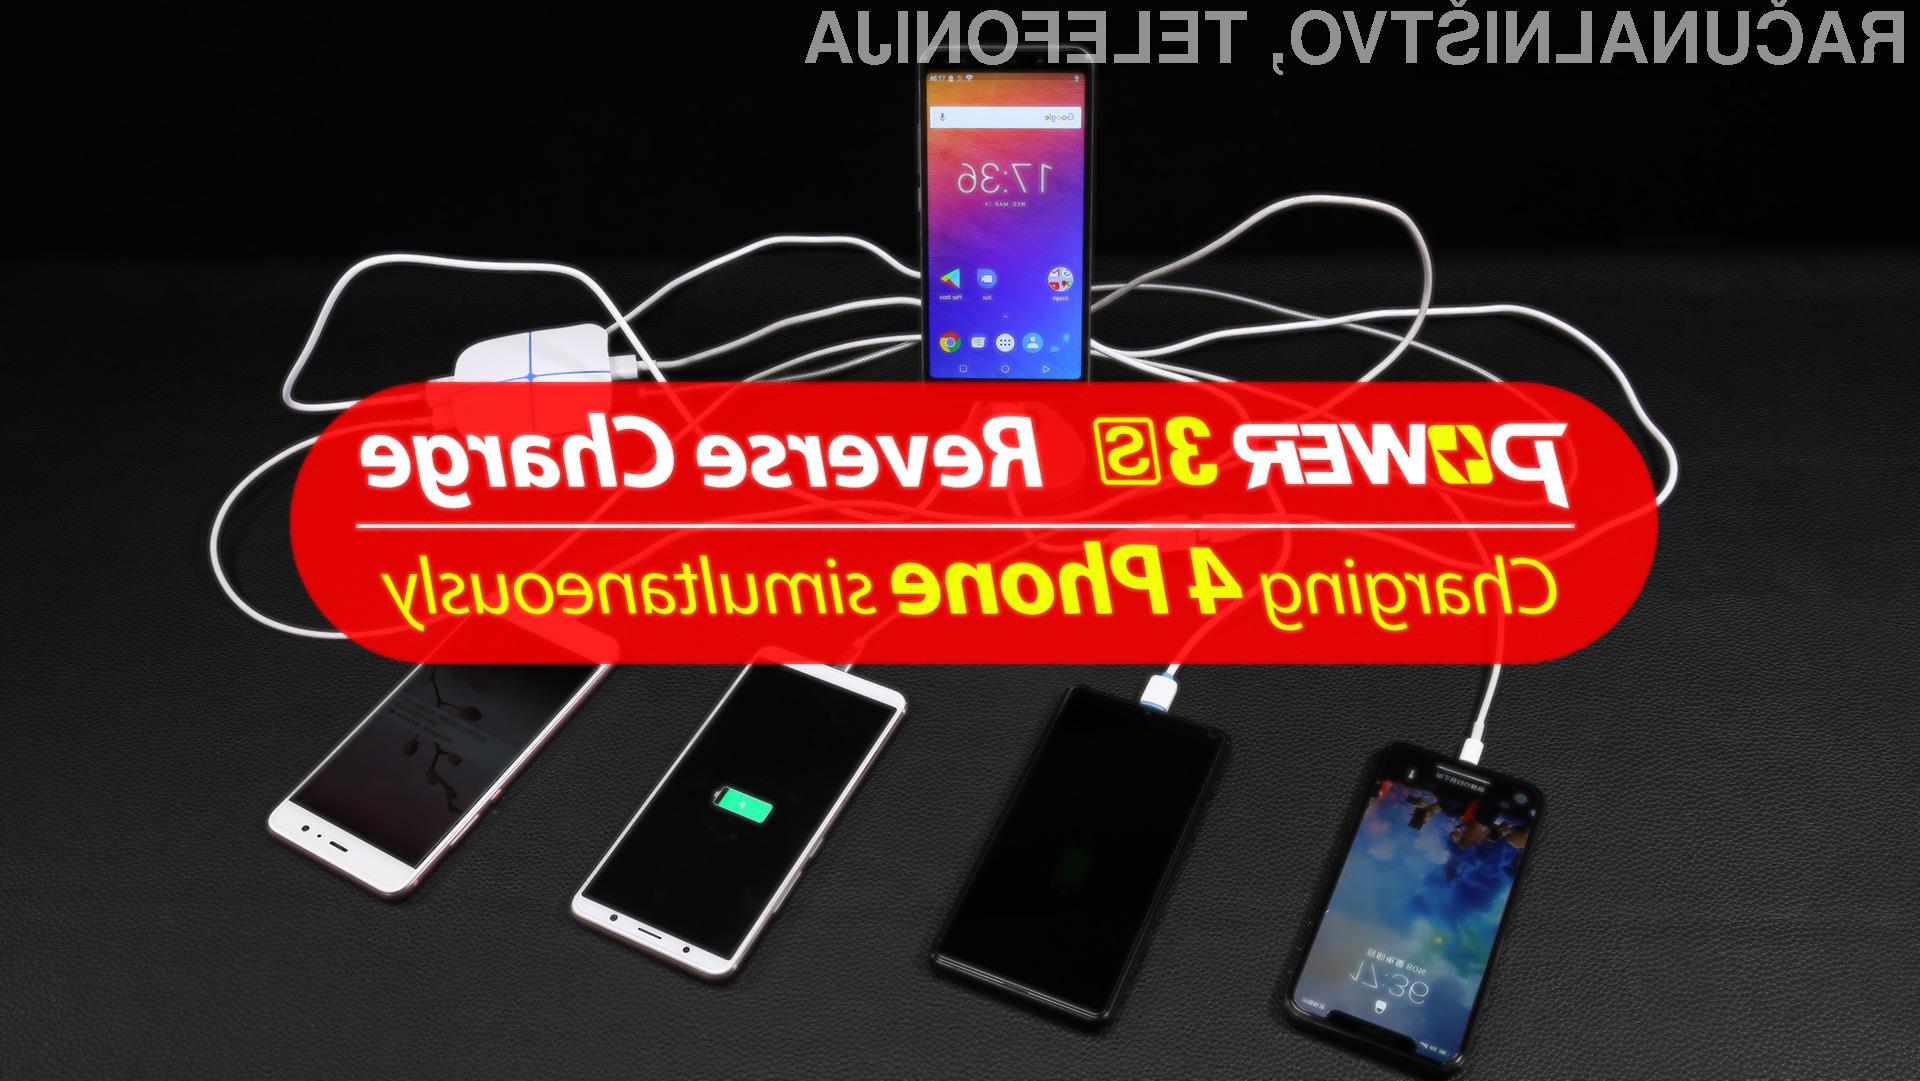 Ulefone Power 3S ima dovolj energije, da lahko napolni 4 vrhunske telefone!